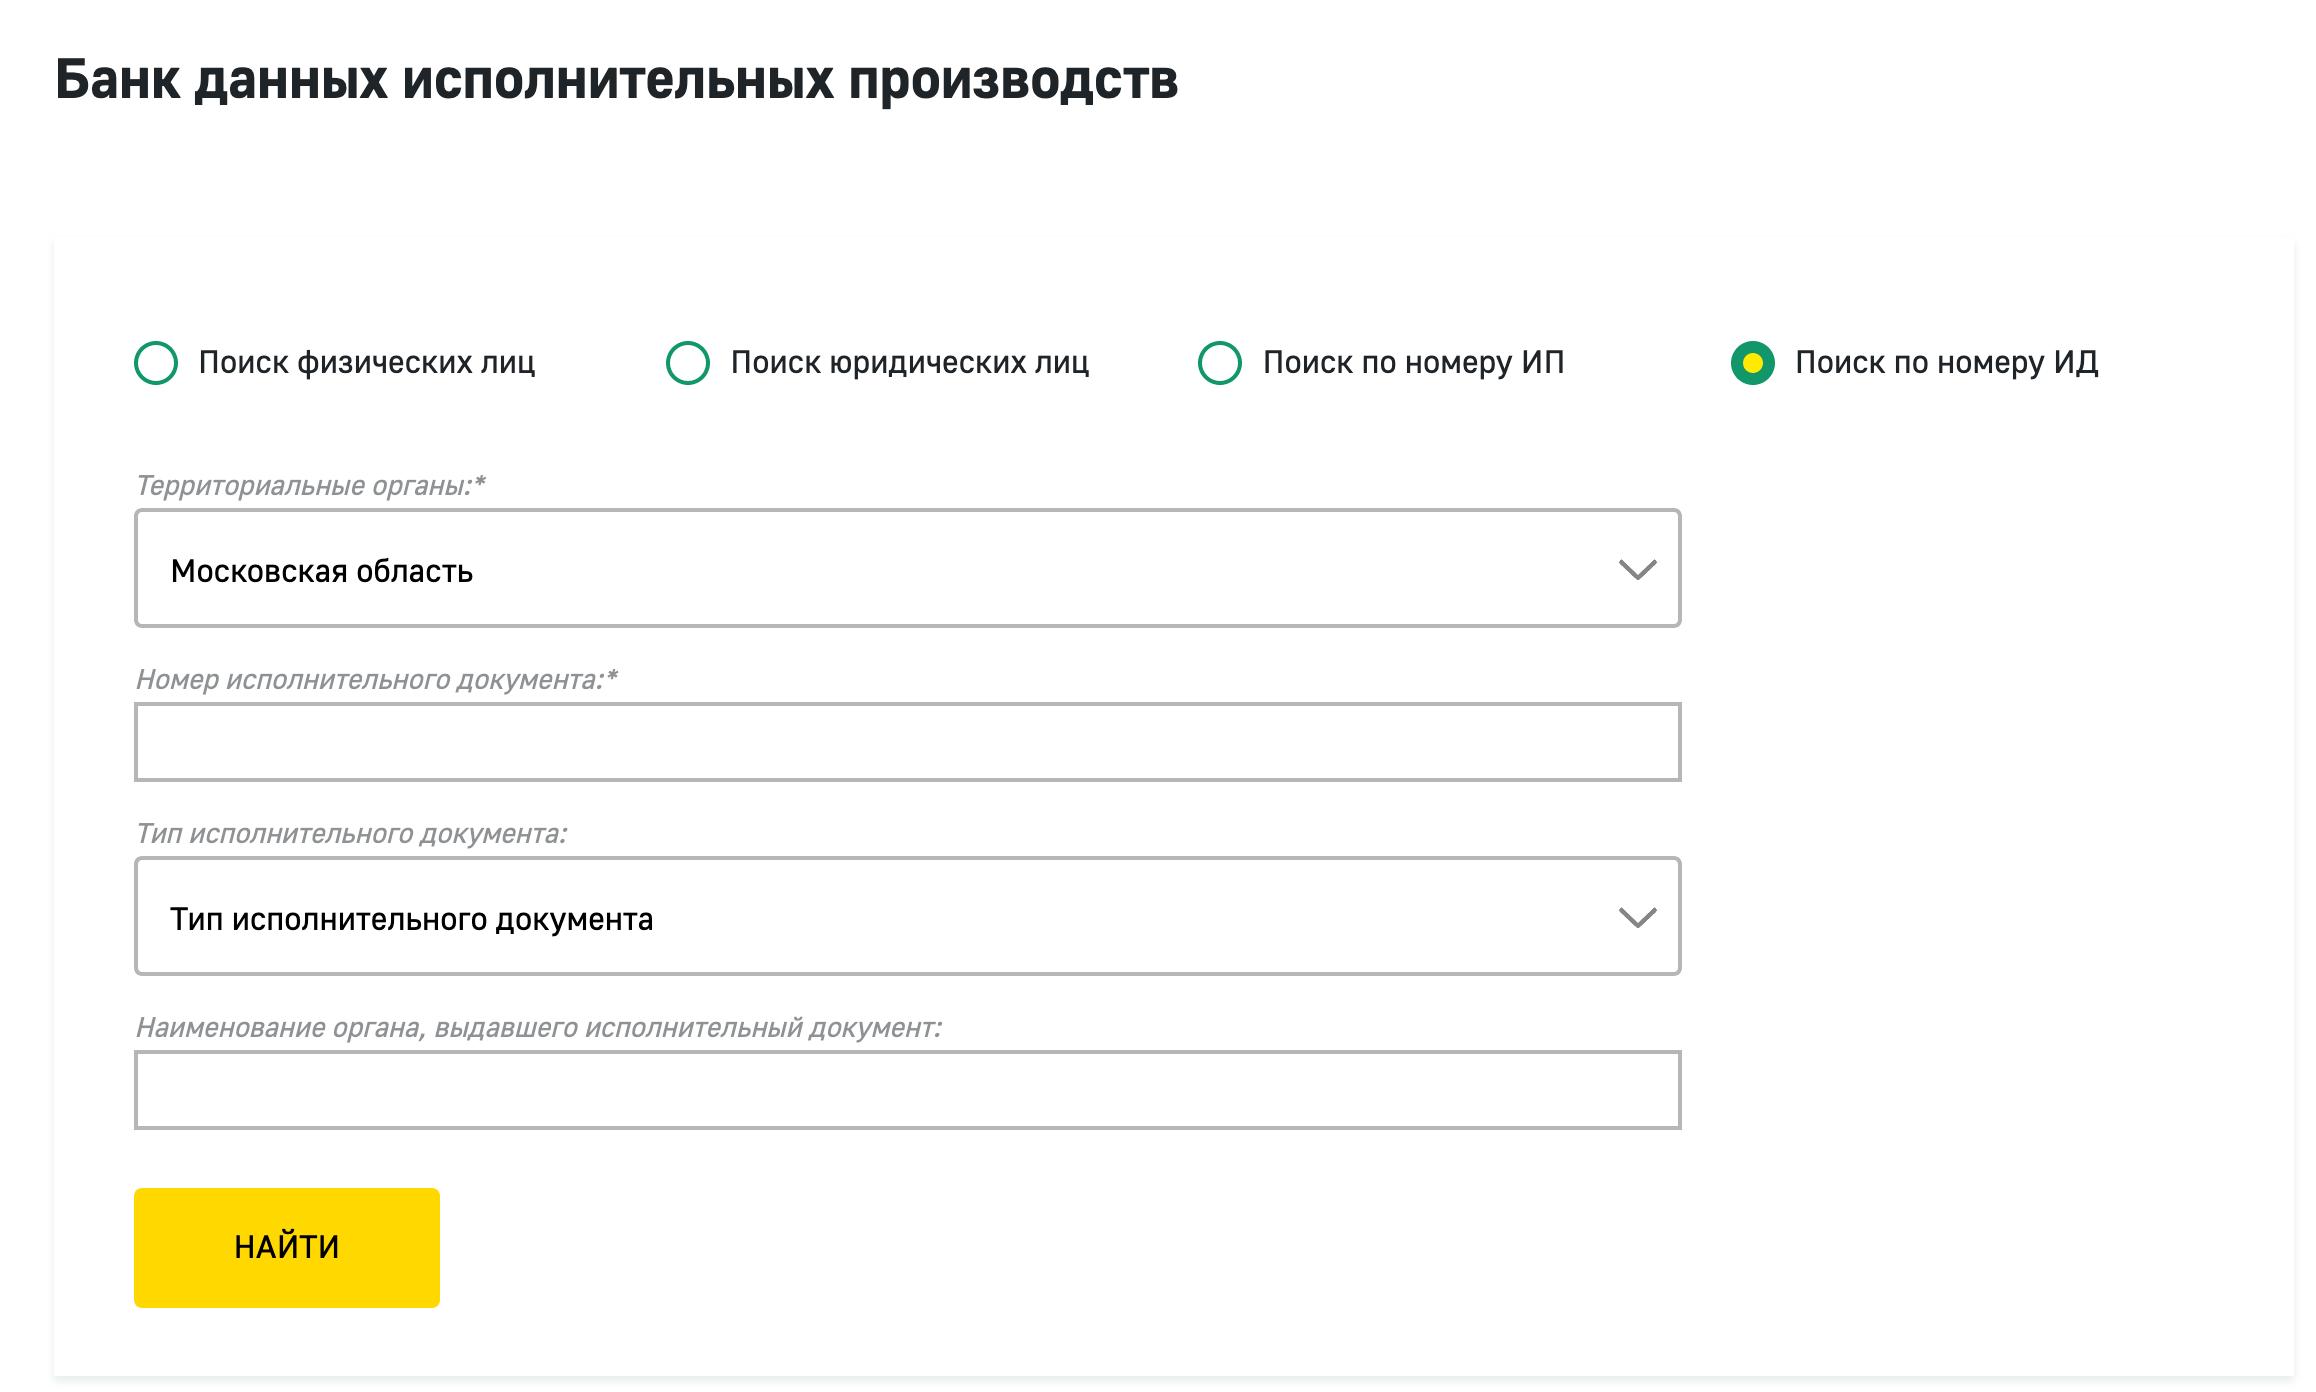 Банк данных исполнительных производств (по номеру ИД)